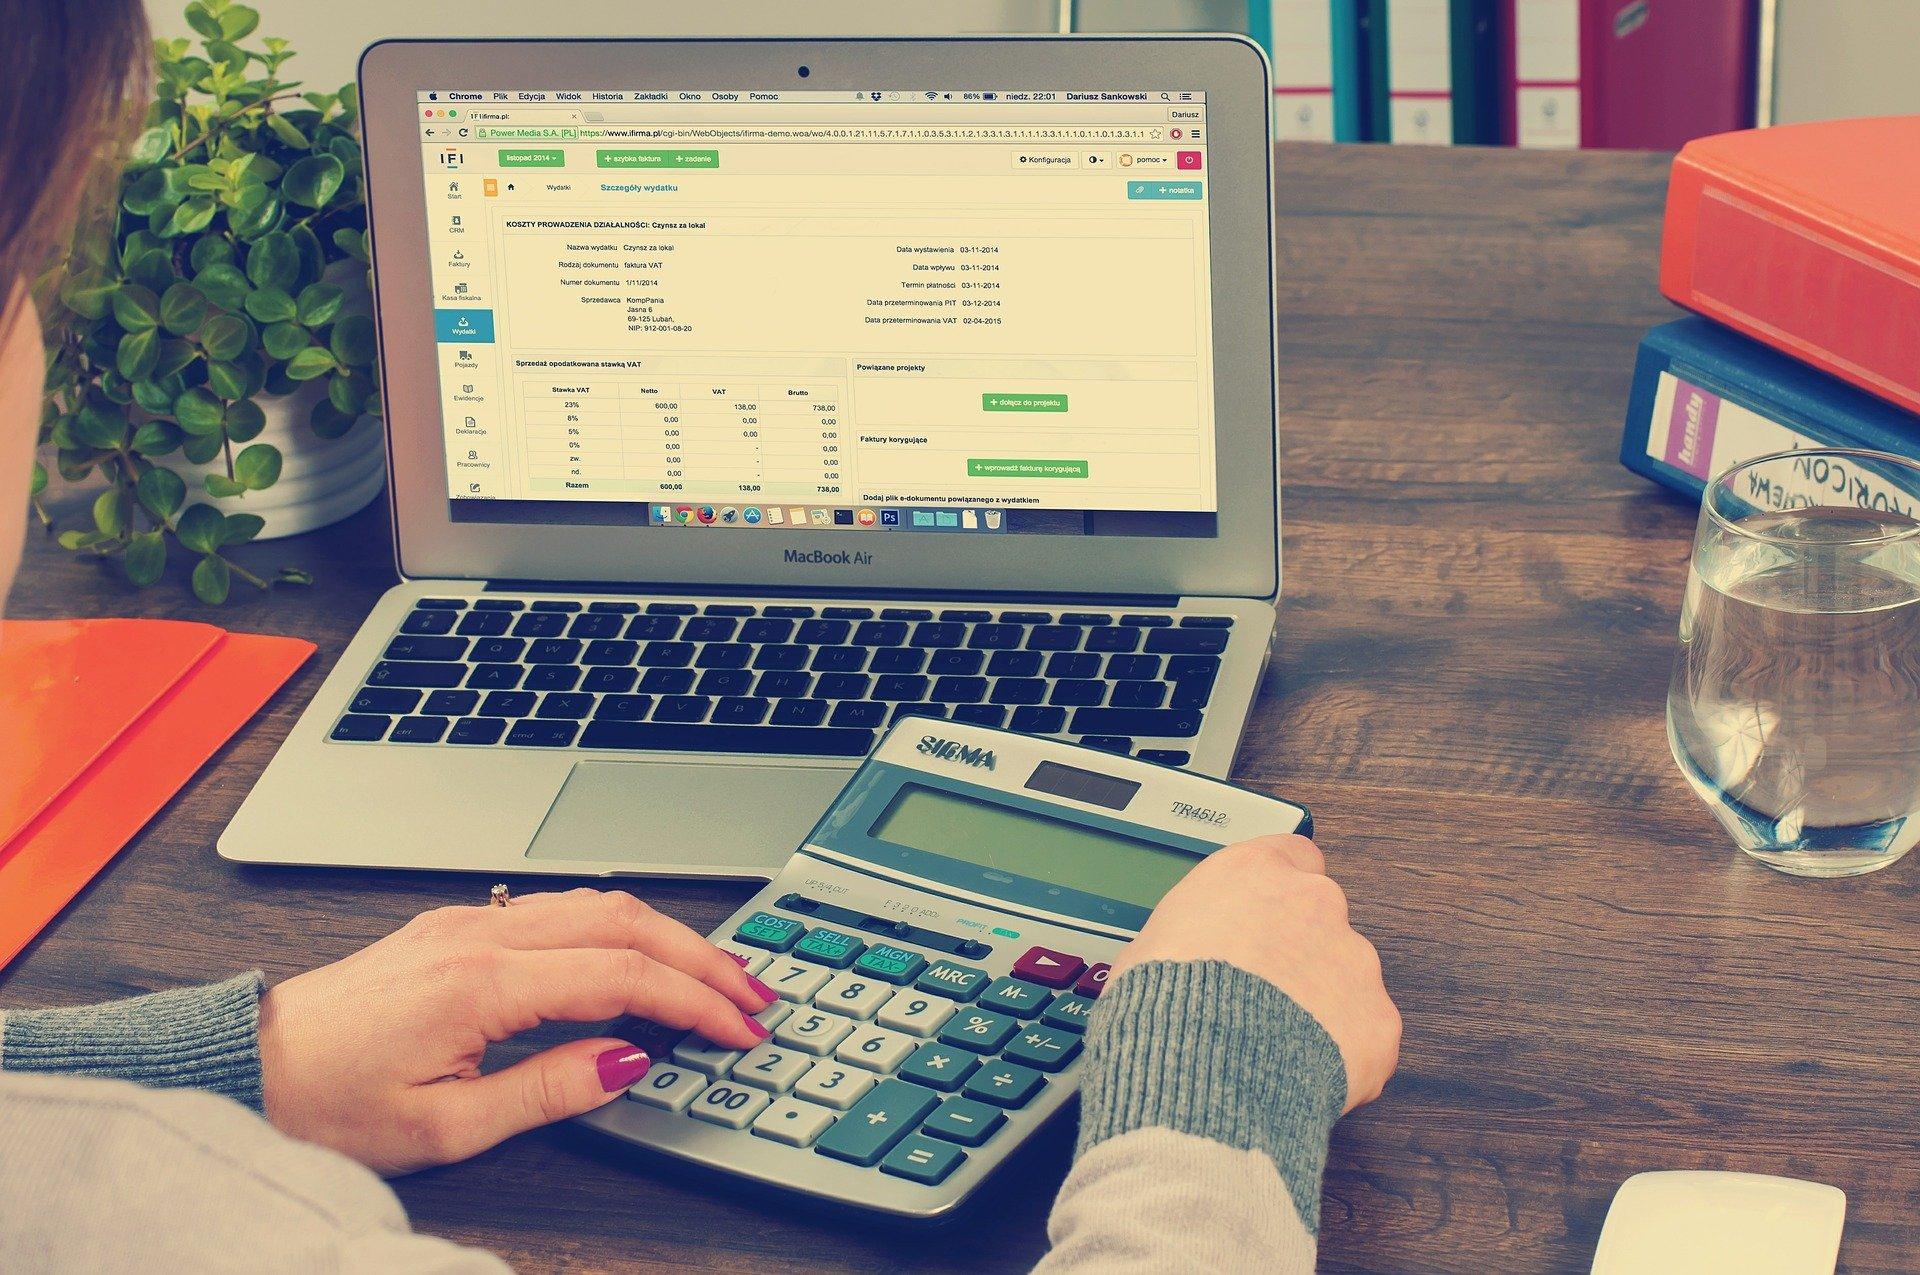 Imagem mostra uma pessoa fazendo cálculos no computador.